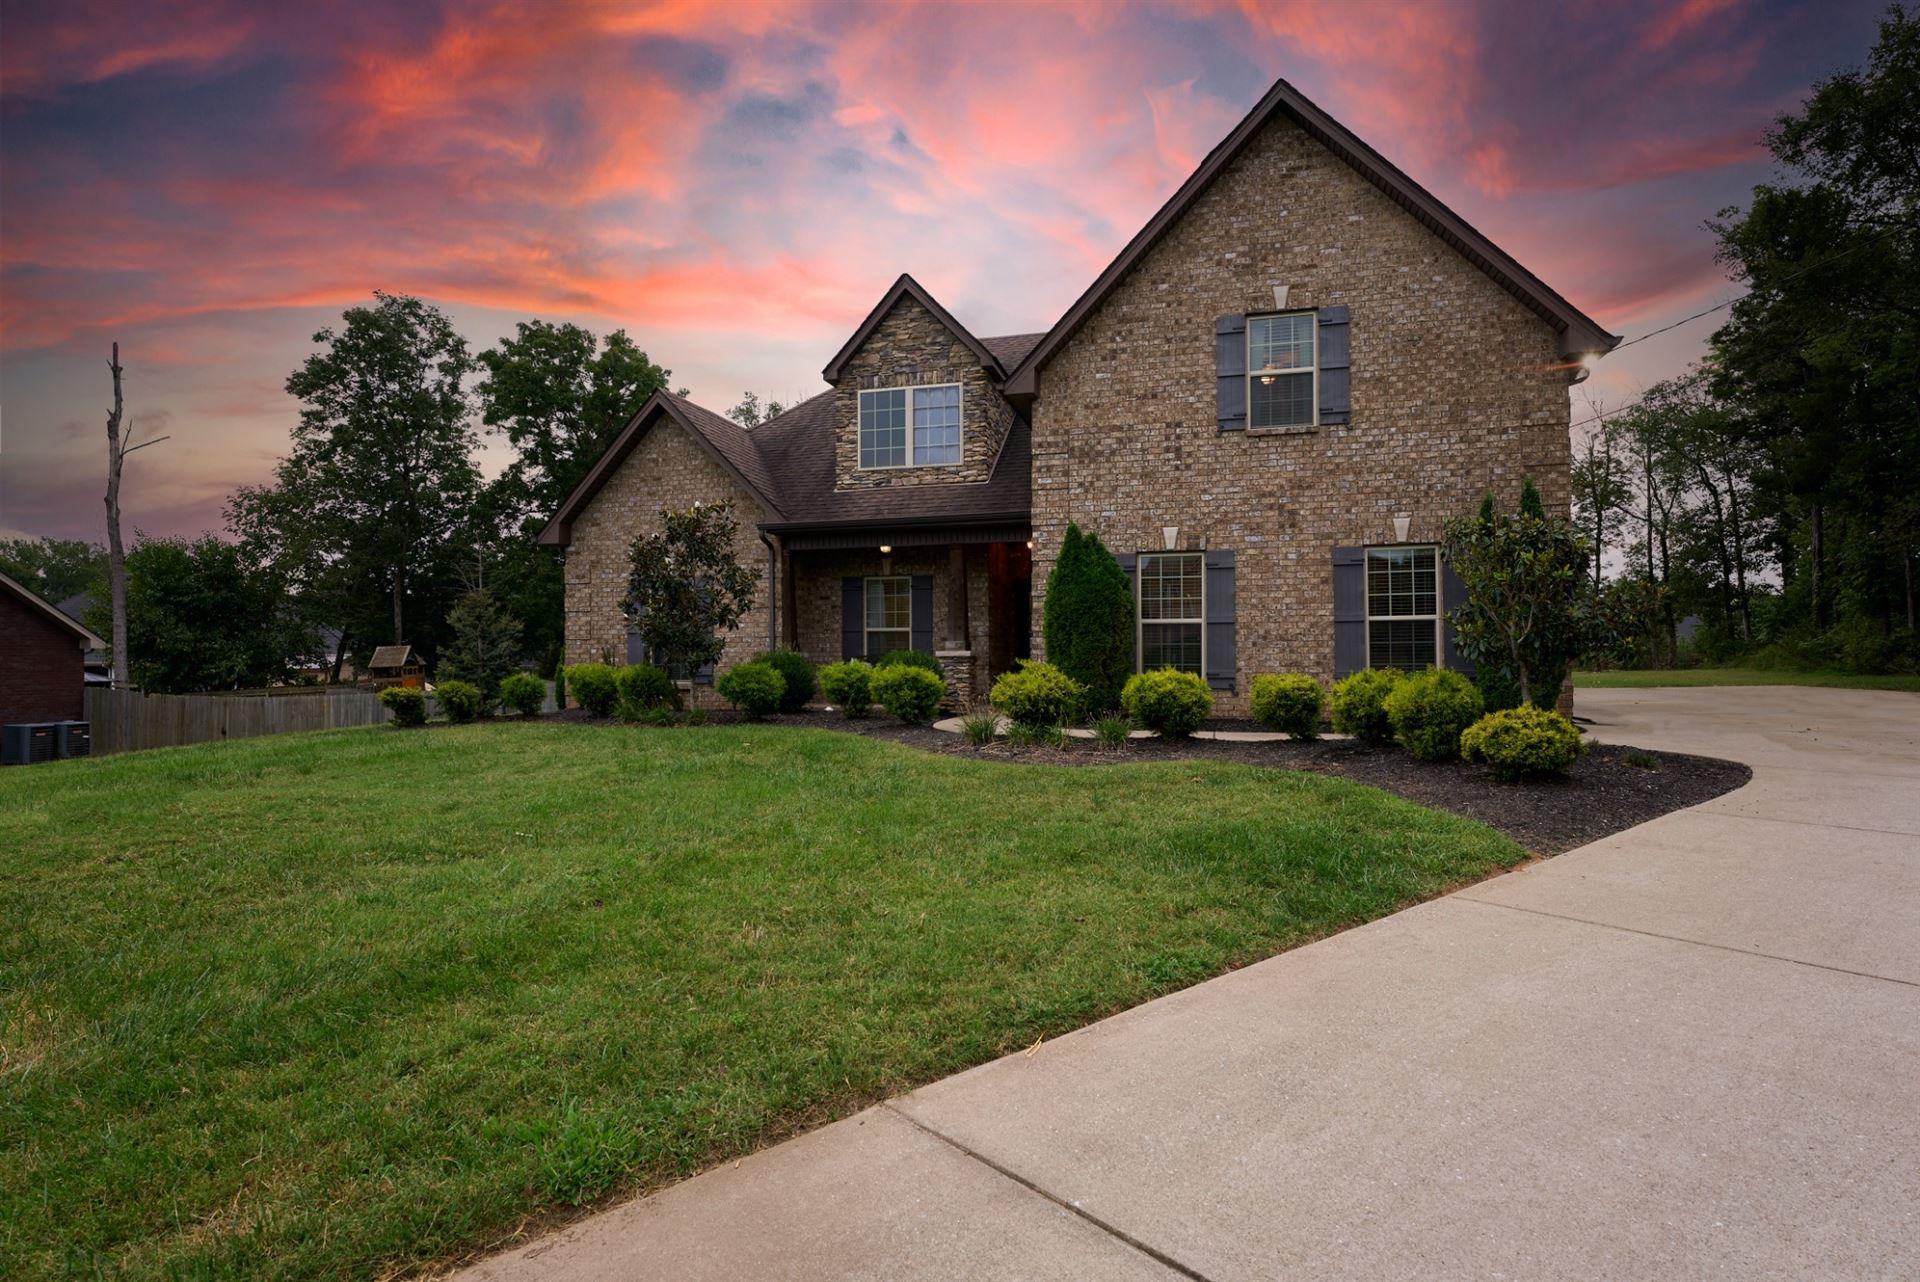 1108 Rivercrest Dr, Murfreesboro, TN 37129 - MLS#: 2290053